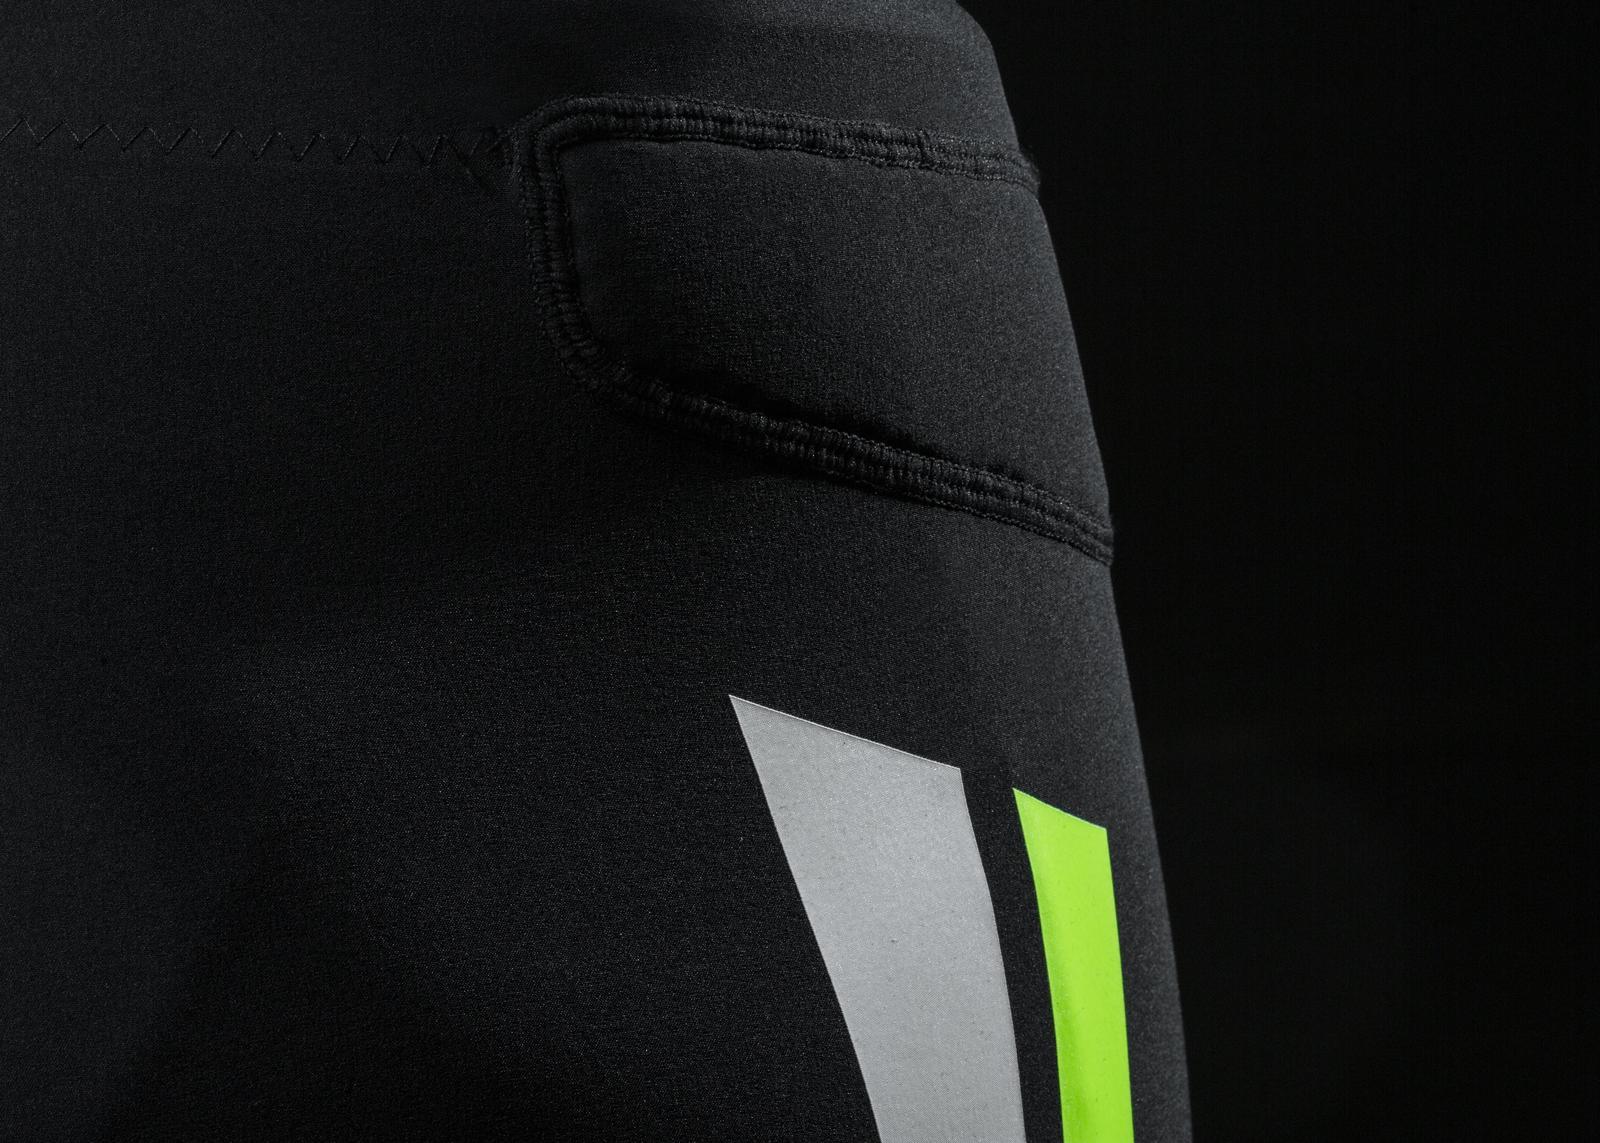 _Vapor Speed pant detail 2